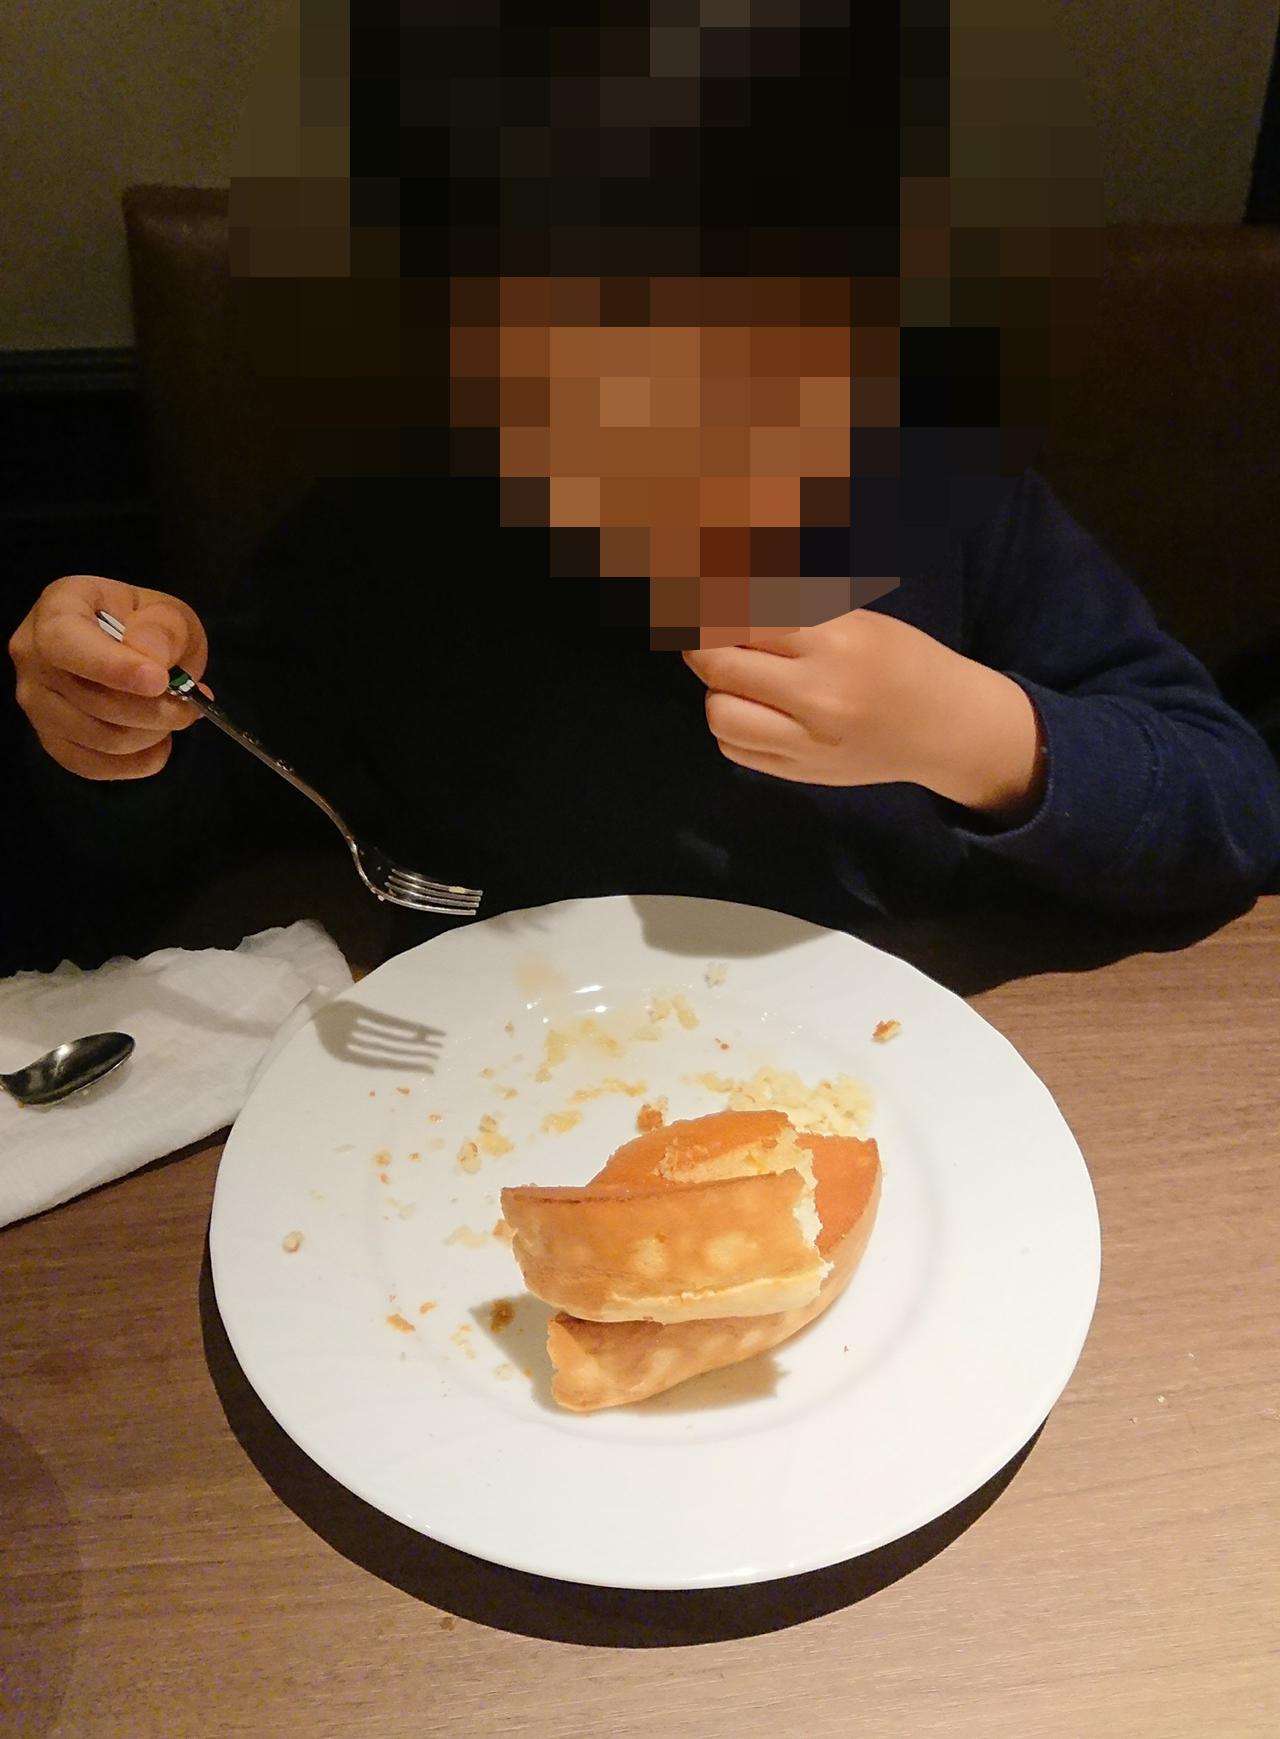 スフレパンケーキを食べている写真